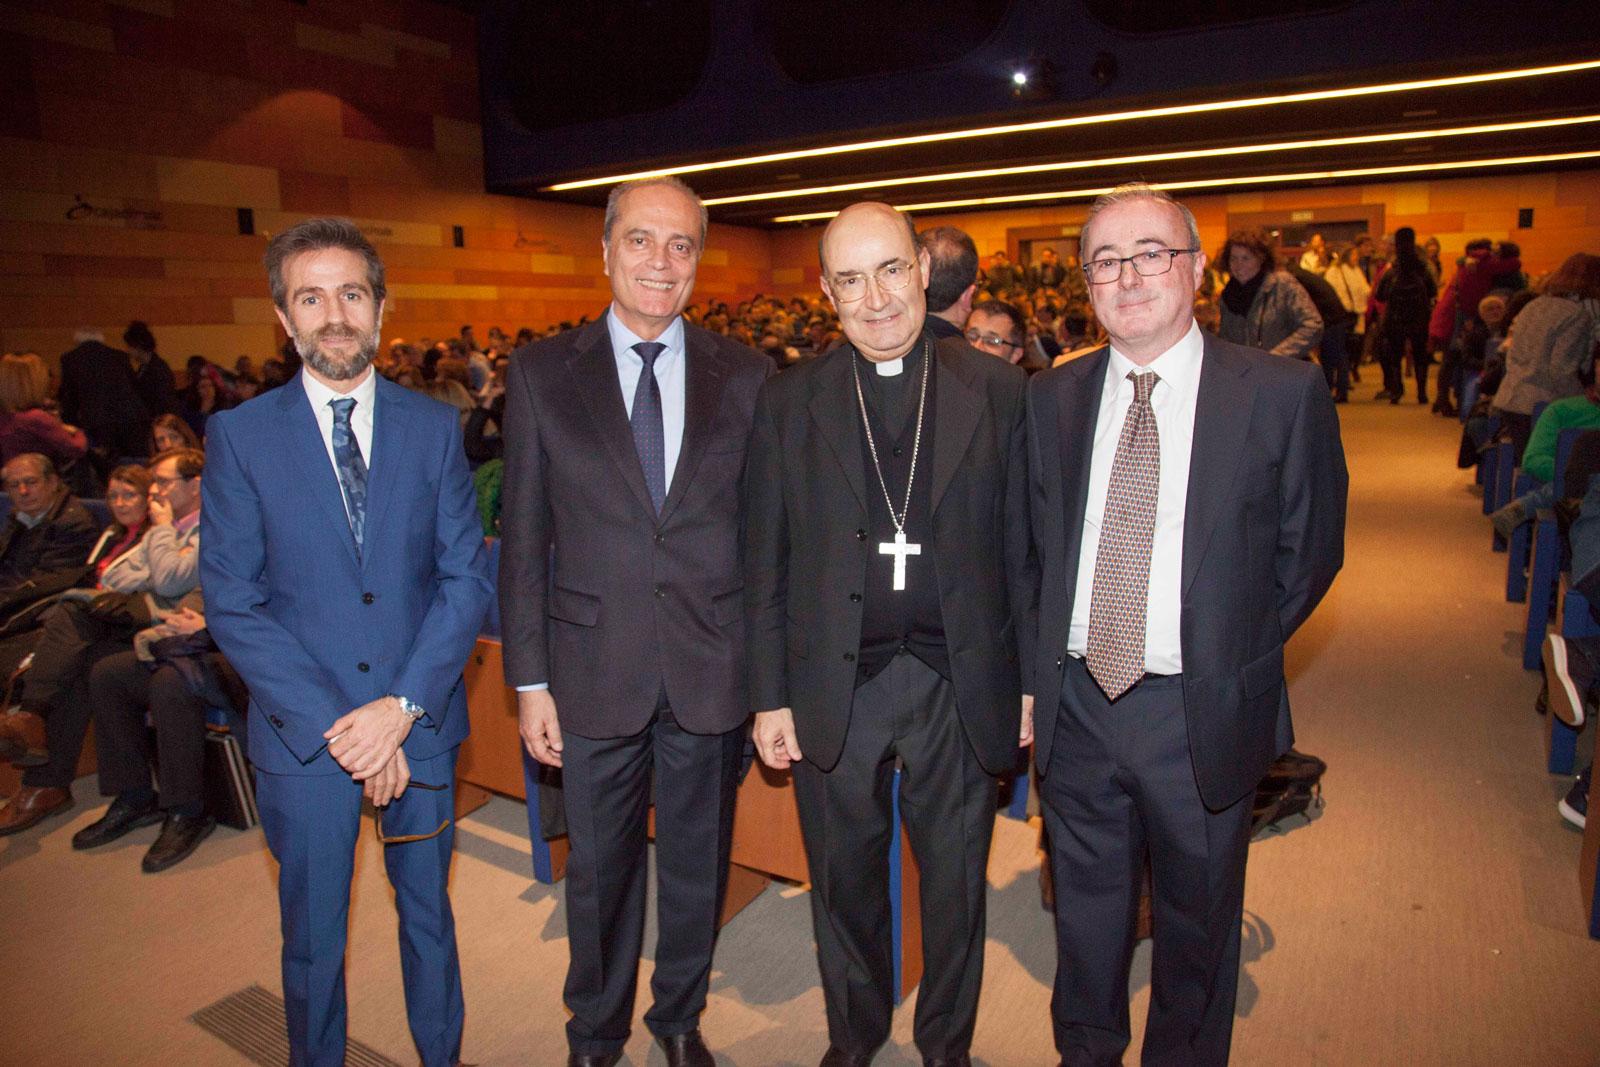 Leandro Roldán, Javier Cortés, Fidel Herráez y Javier Pérez en el primer Encuentro de Educadores de la educación concertada católica.